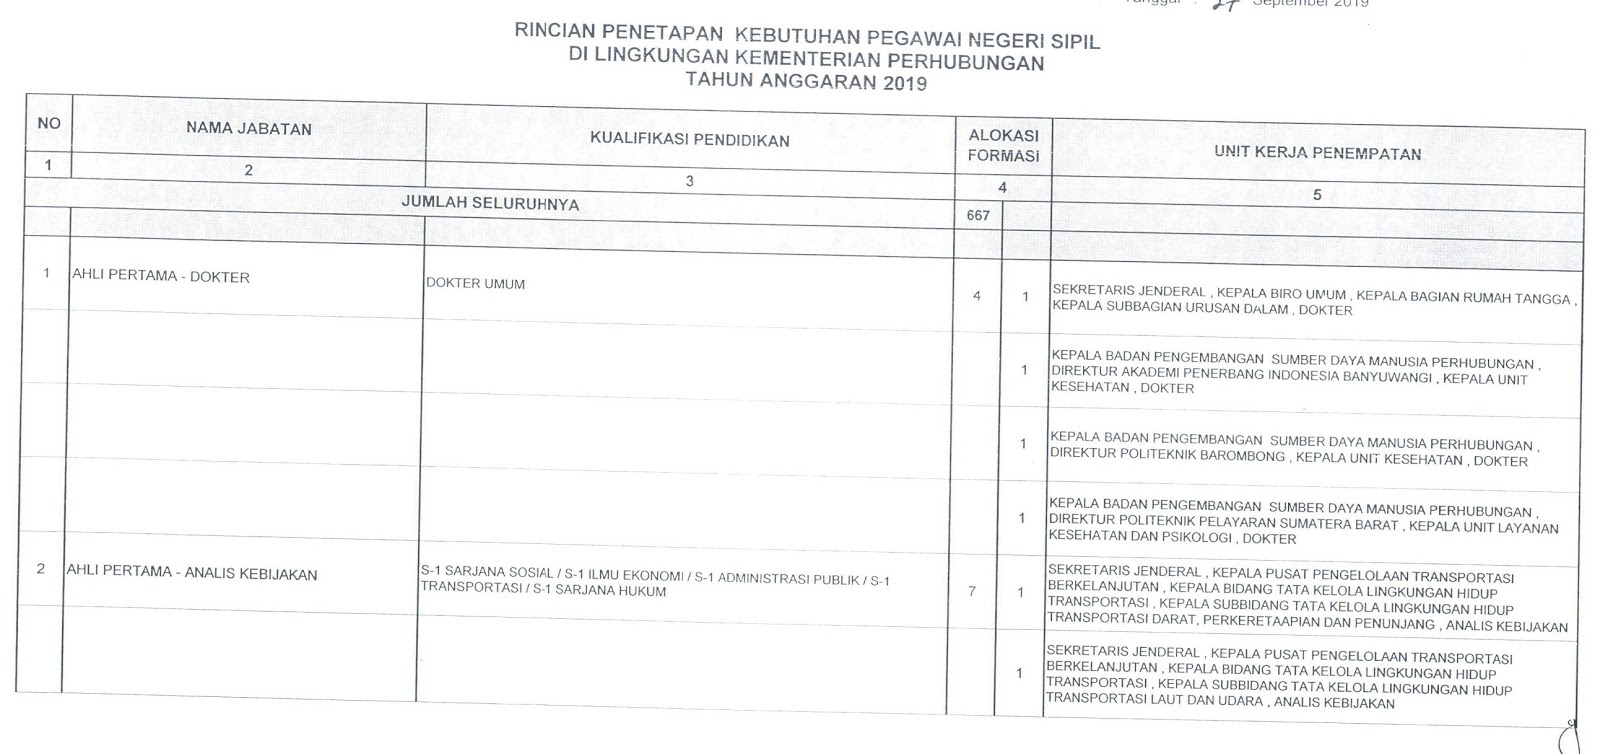 Download Formasi CPNS Kementerian Perhubungan Tahun 2019